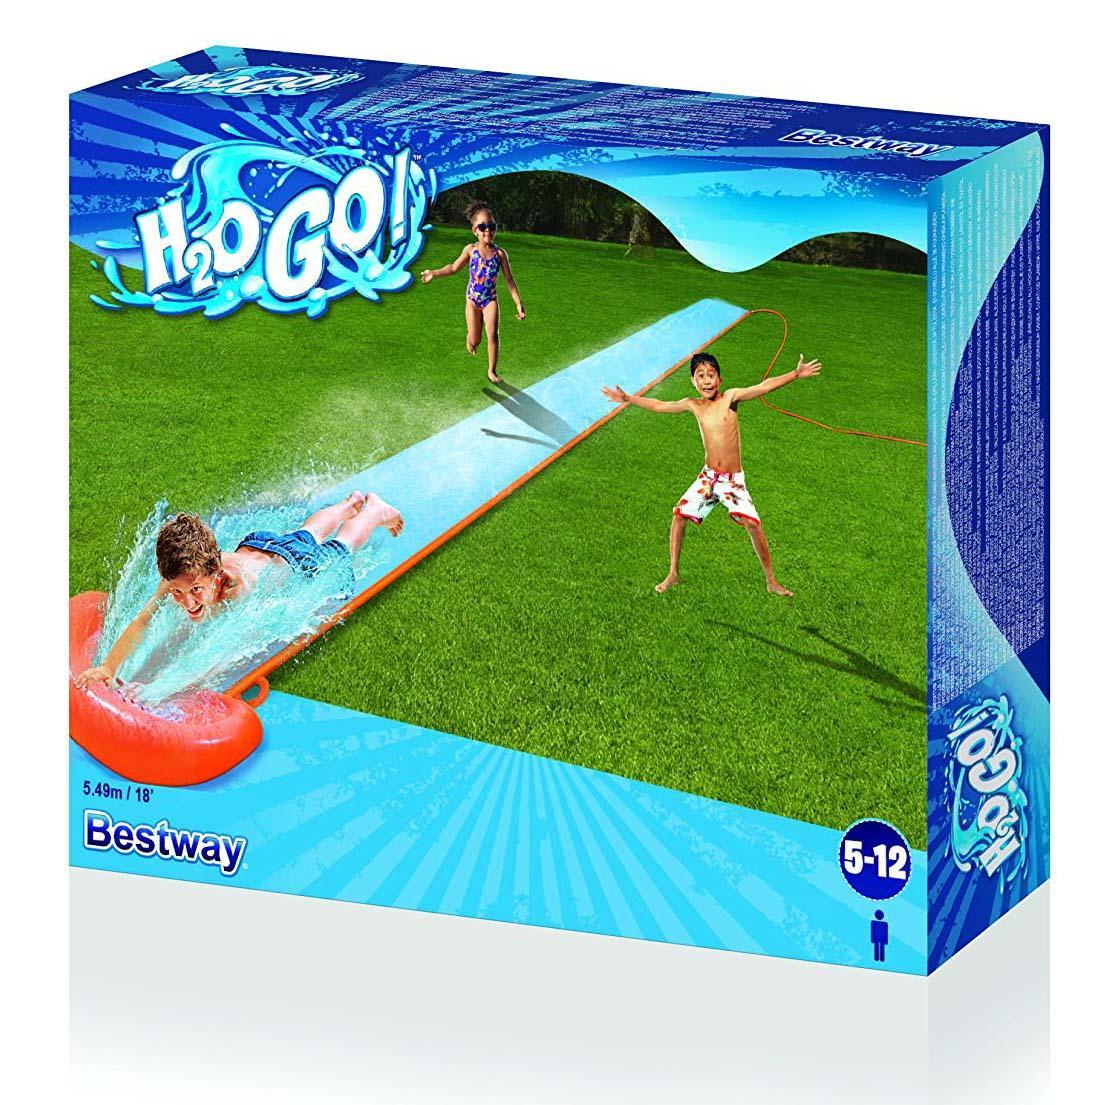 Bestway Water Slip 'n Slide Childrens/Kids Garden Spray ...